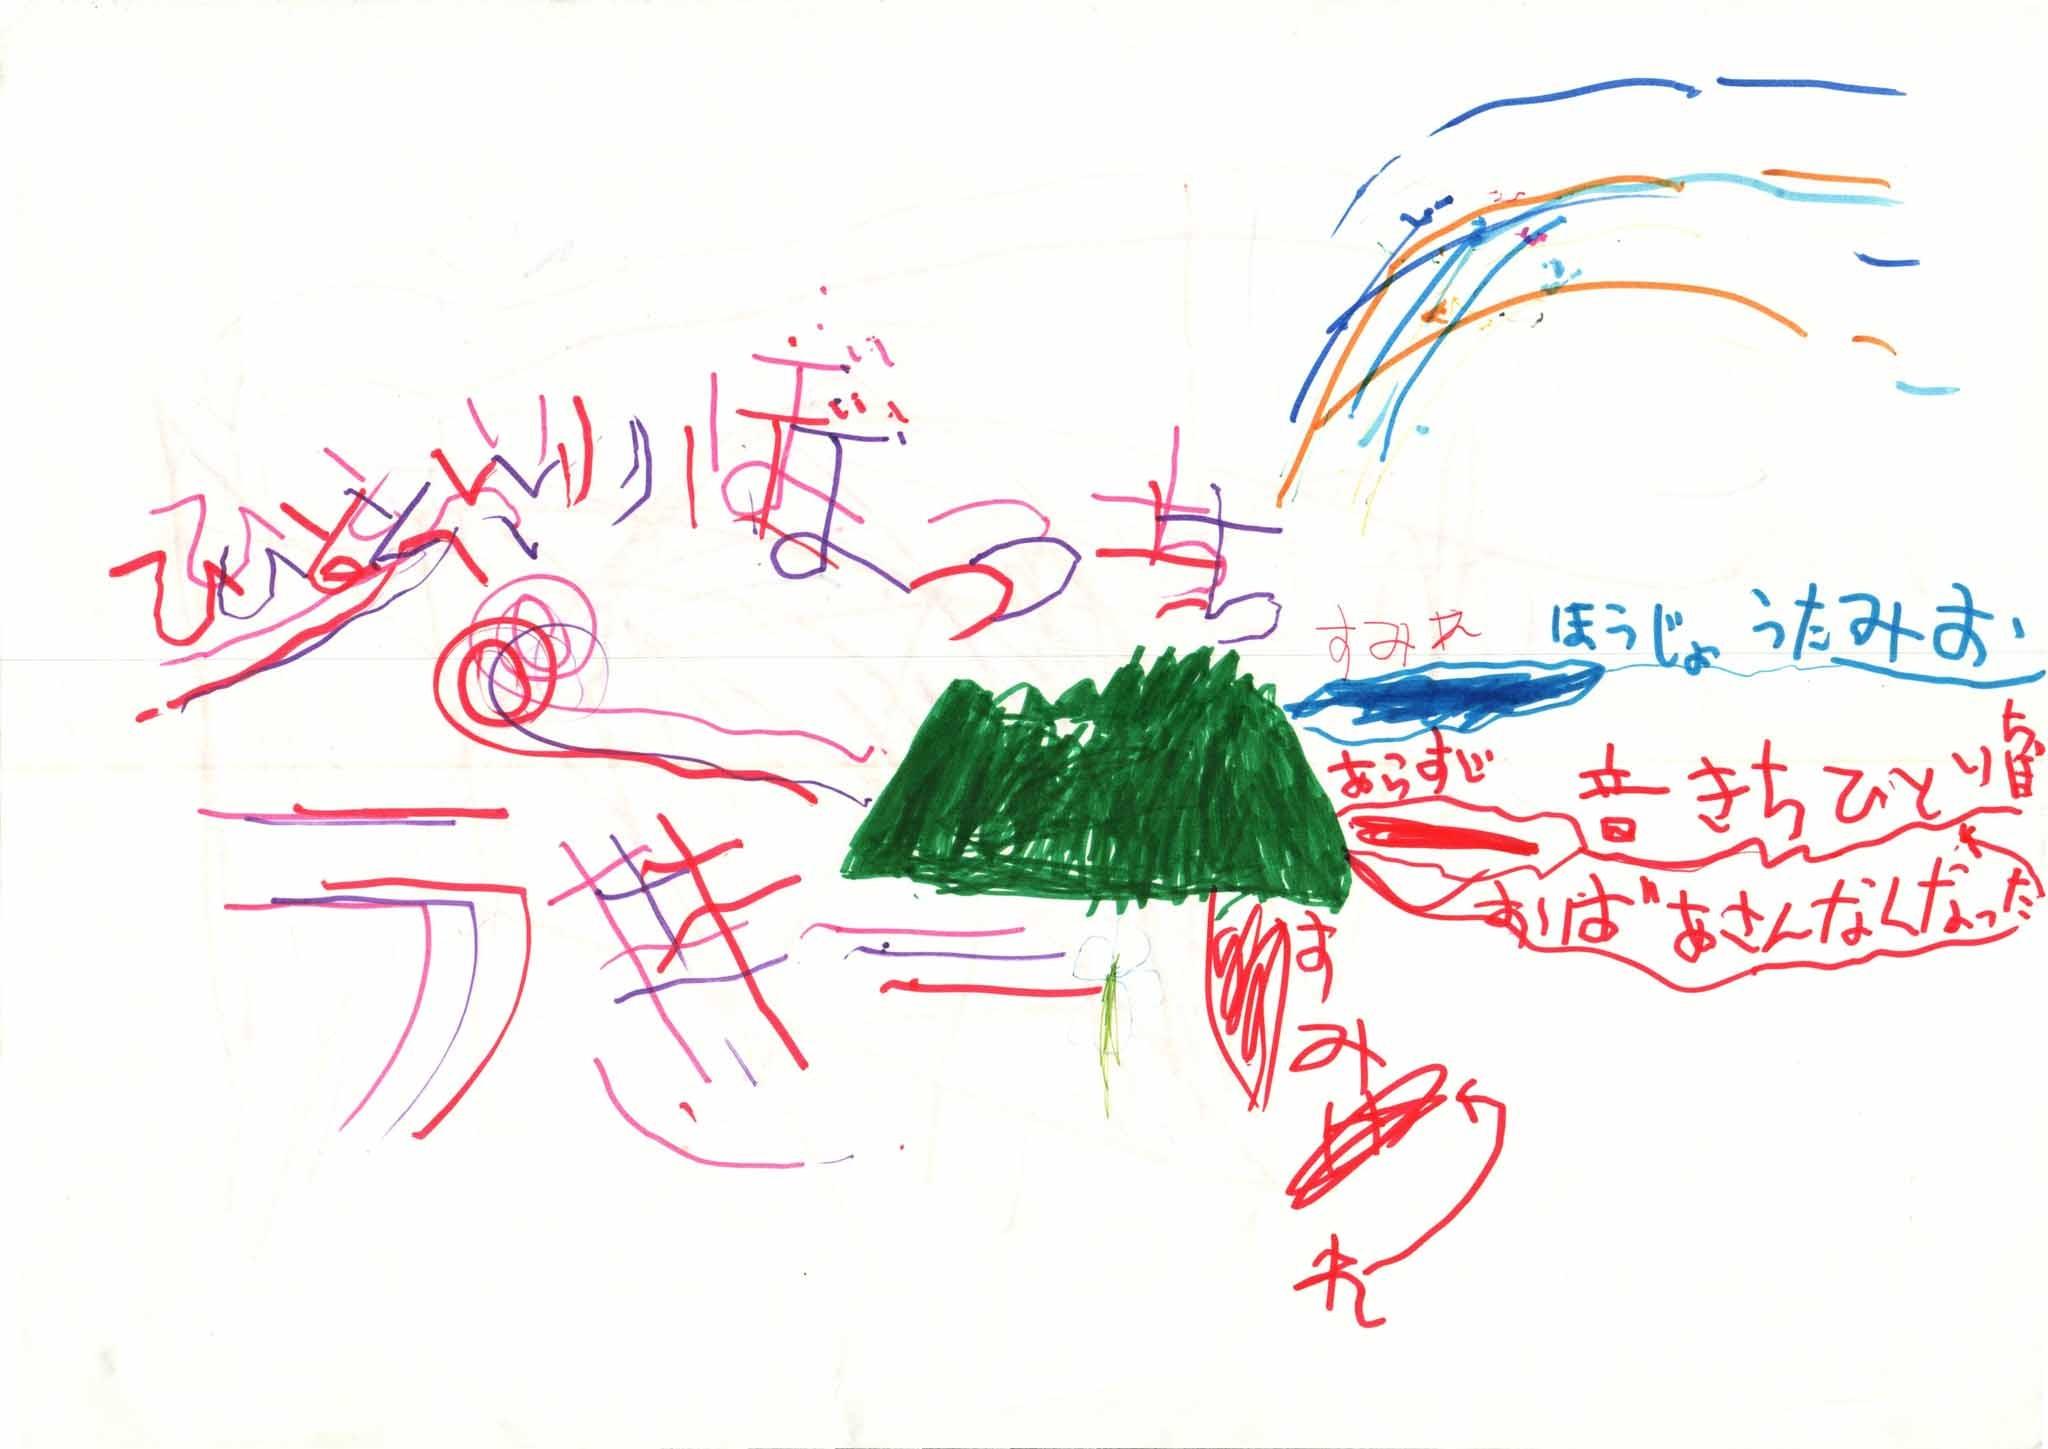 みんなのマインドマップ~工業地帯と工業地域(小学2年生)